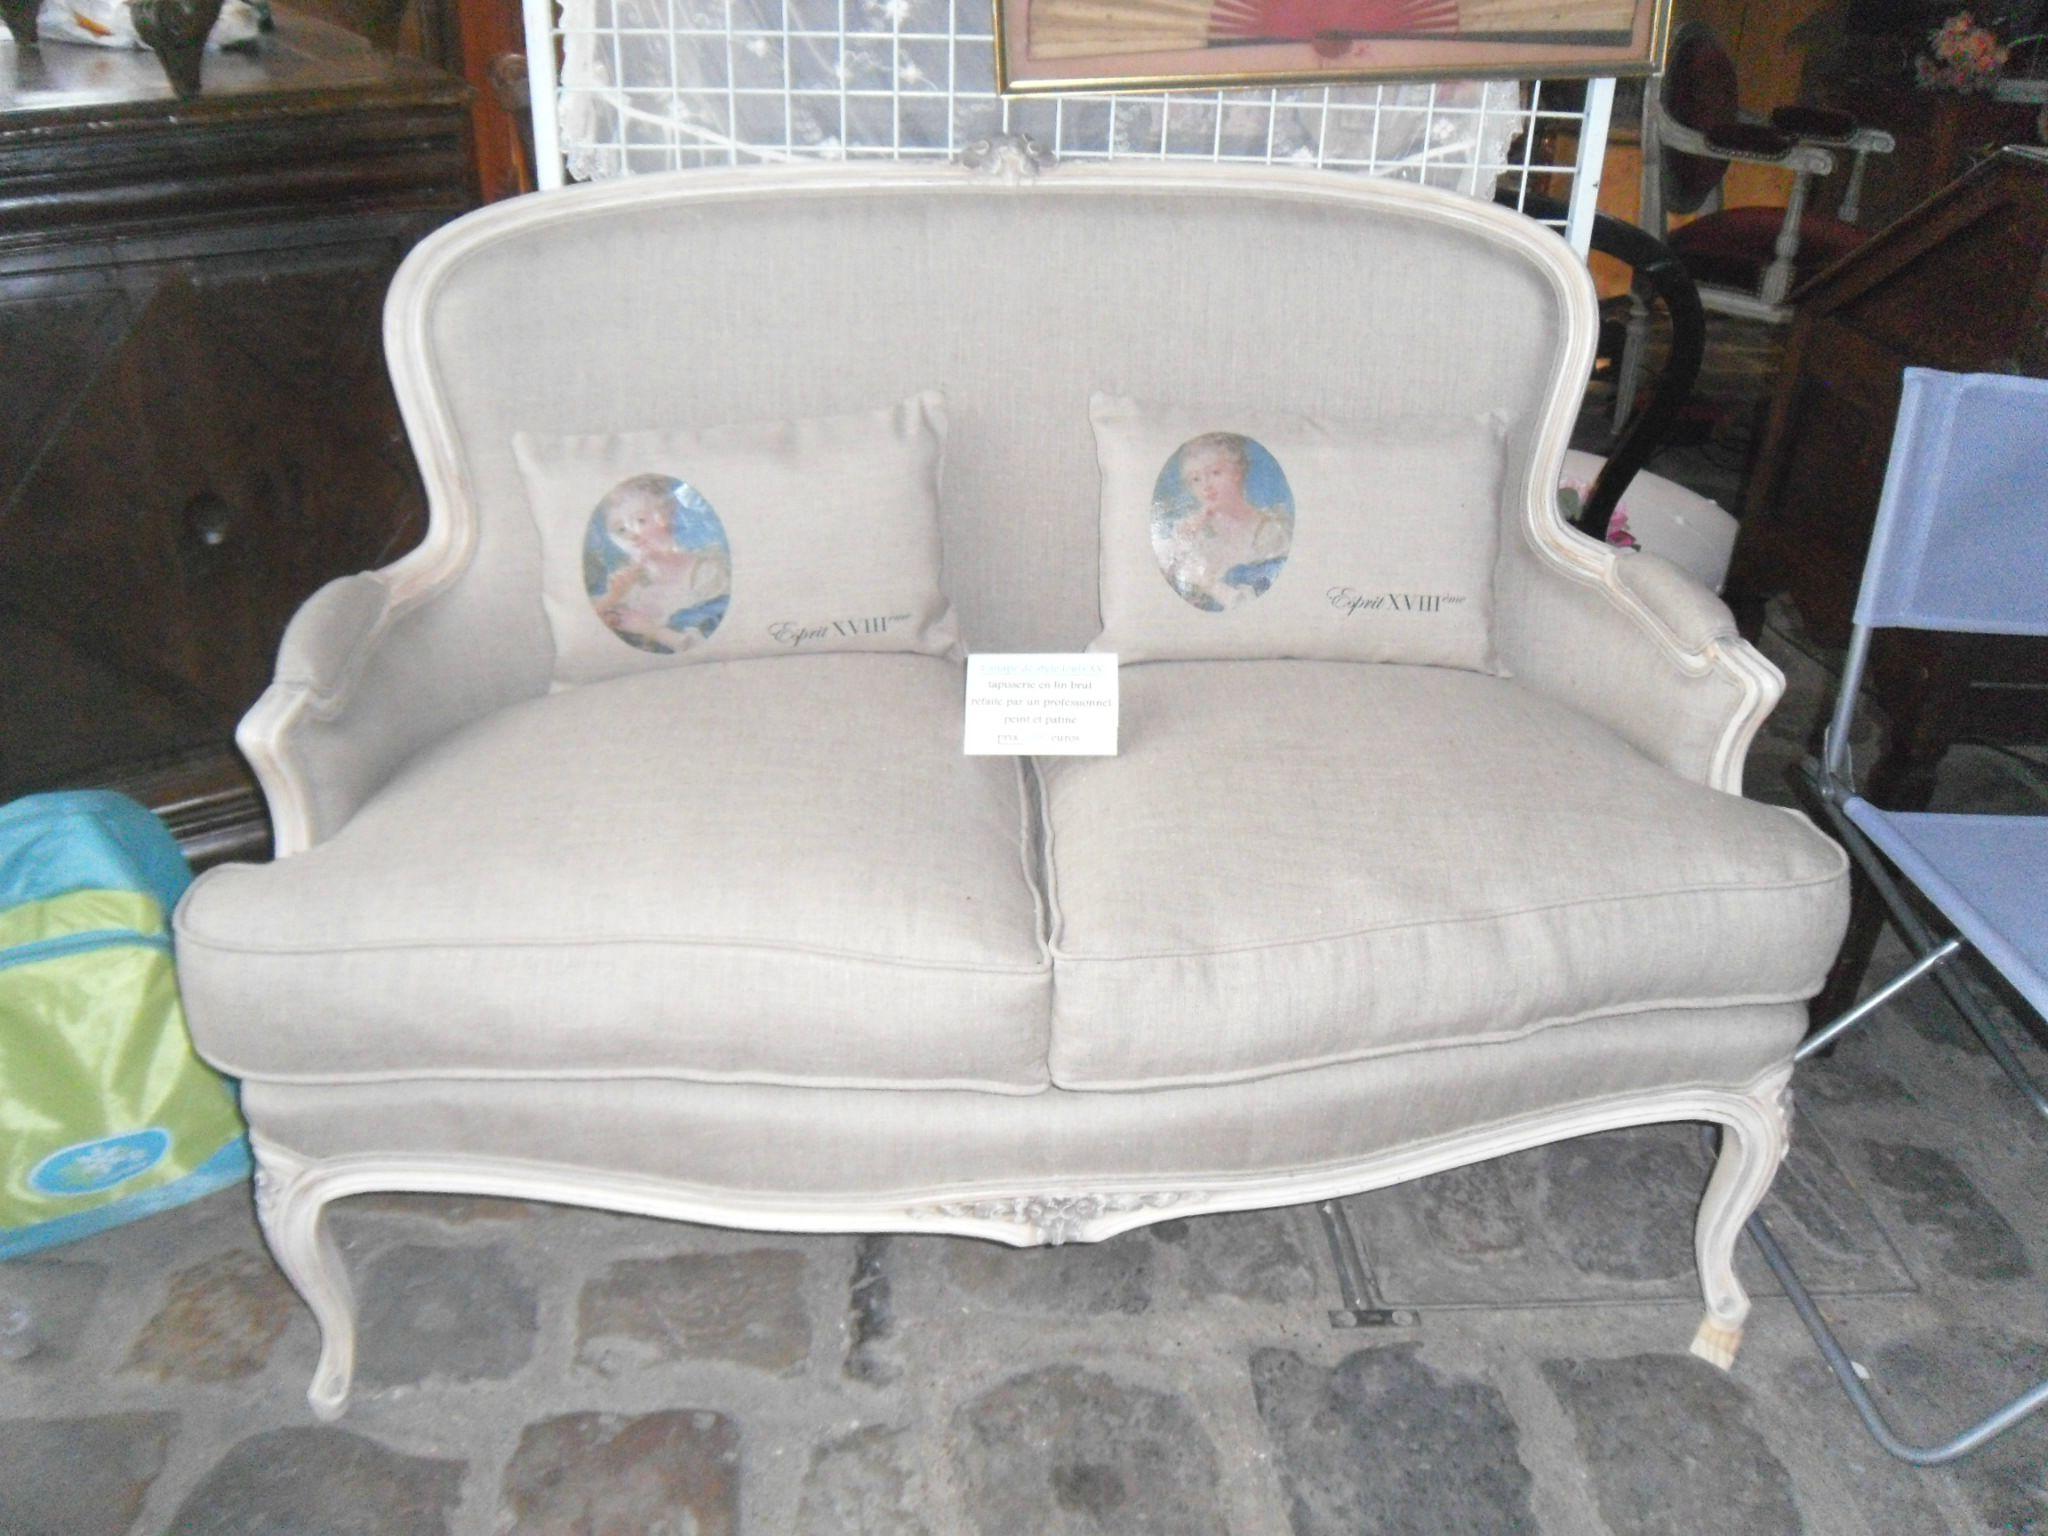 banquette de style louis xv peinte et patin e tissu lin brut la d co des anges. Black Bedroom Furniture Sets. Home Design Ideas